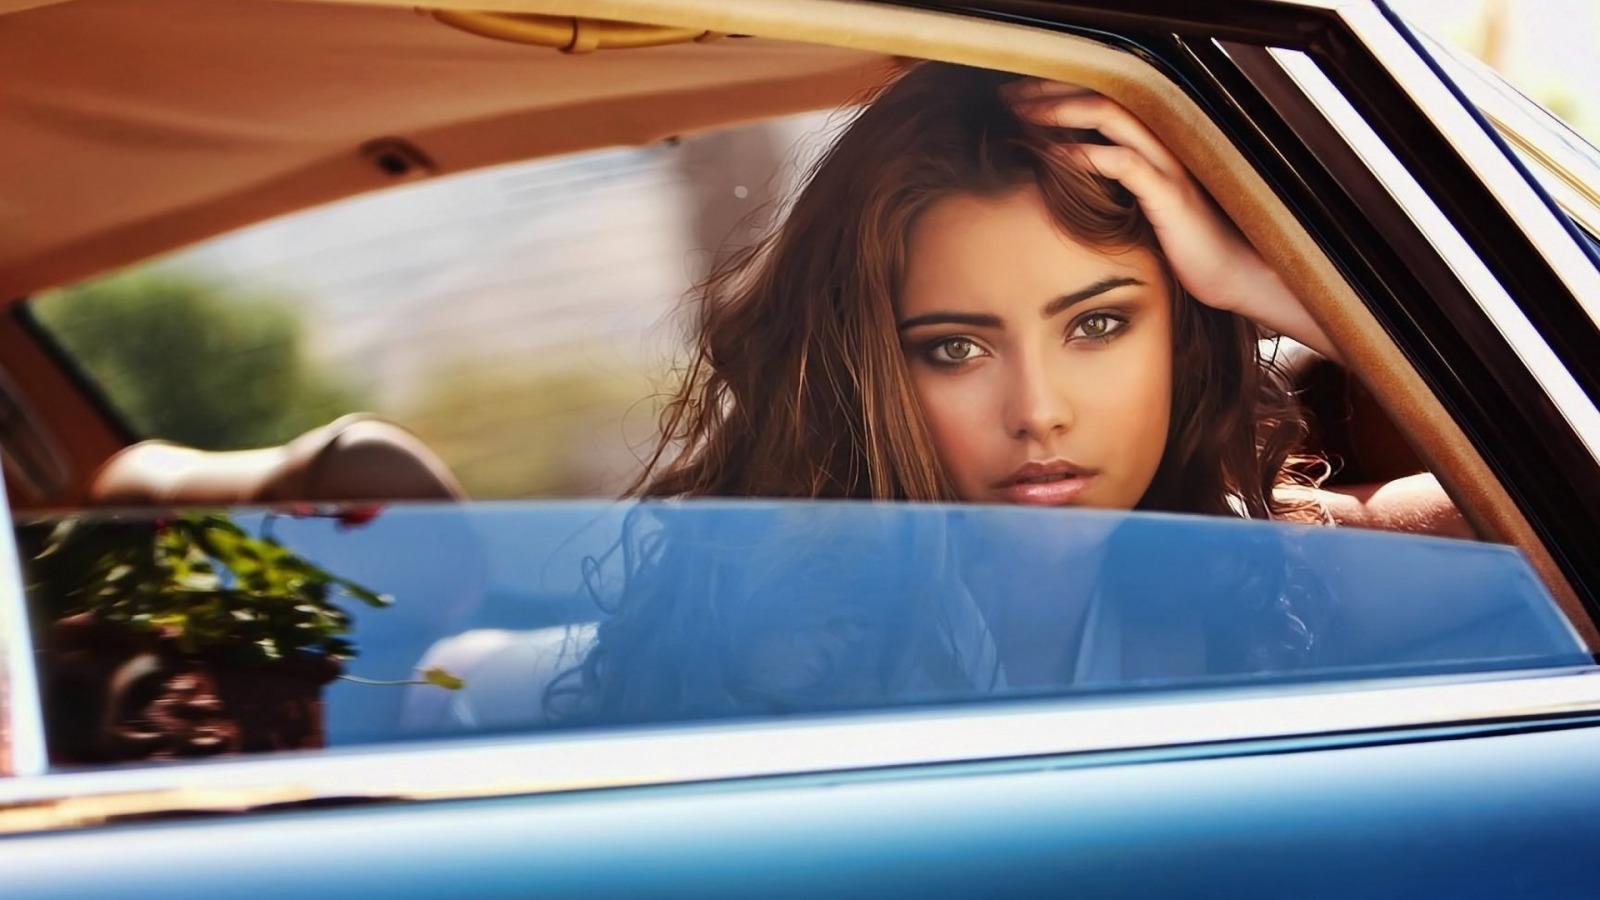 И картинки красивые в машине, люблю тебя